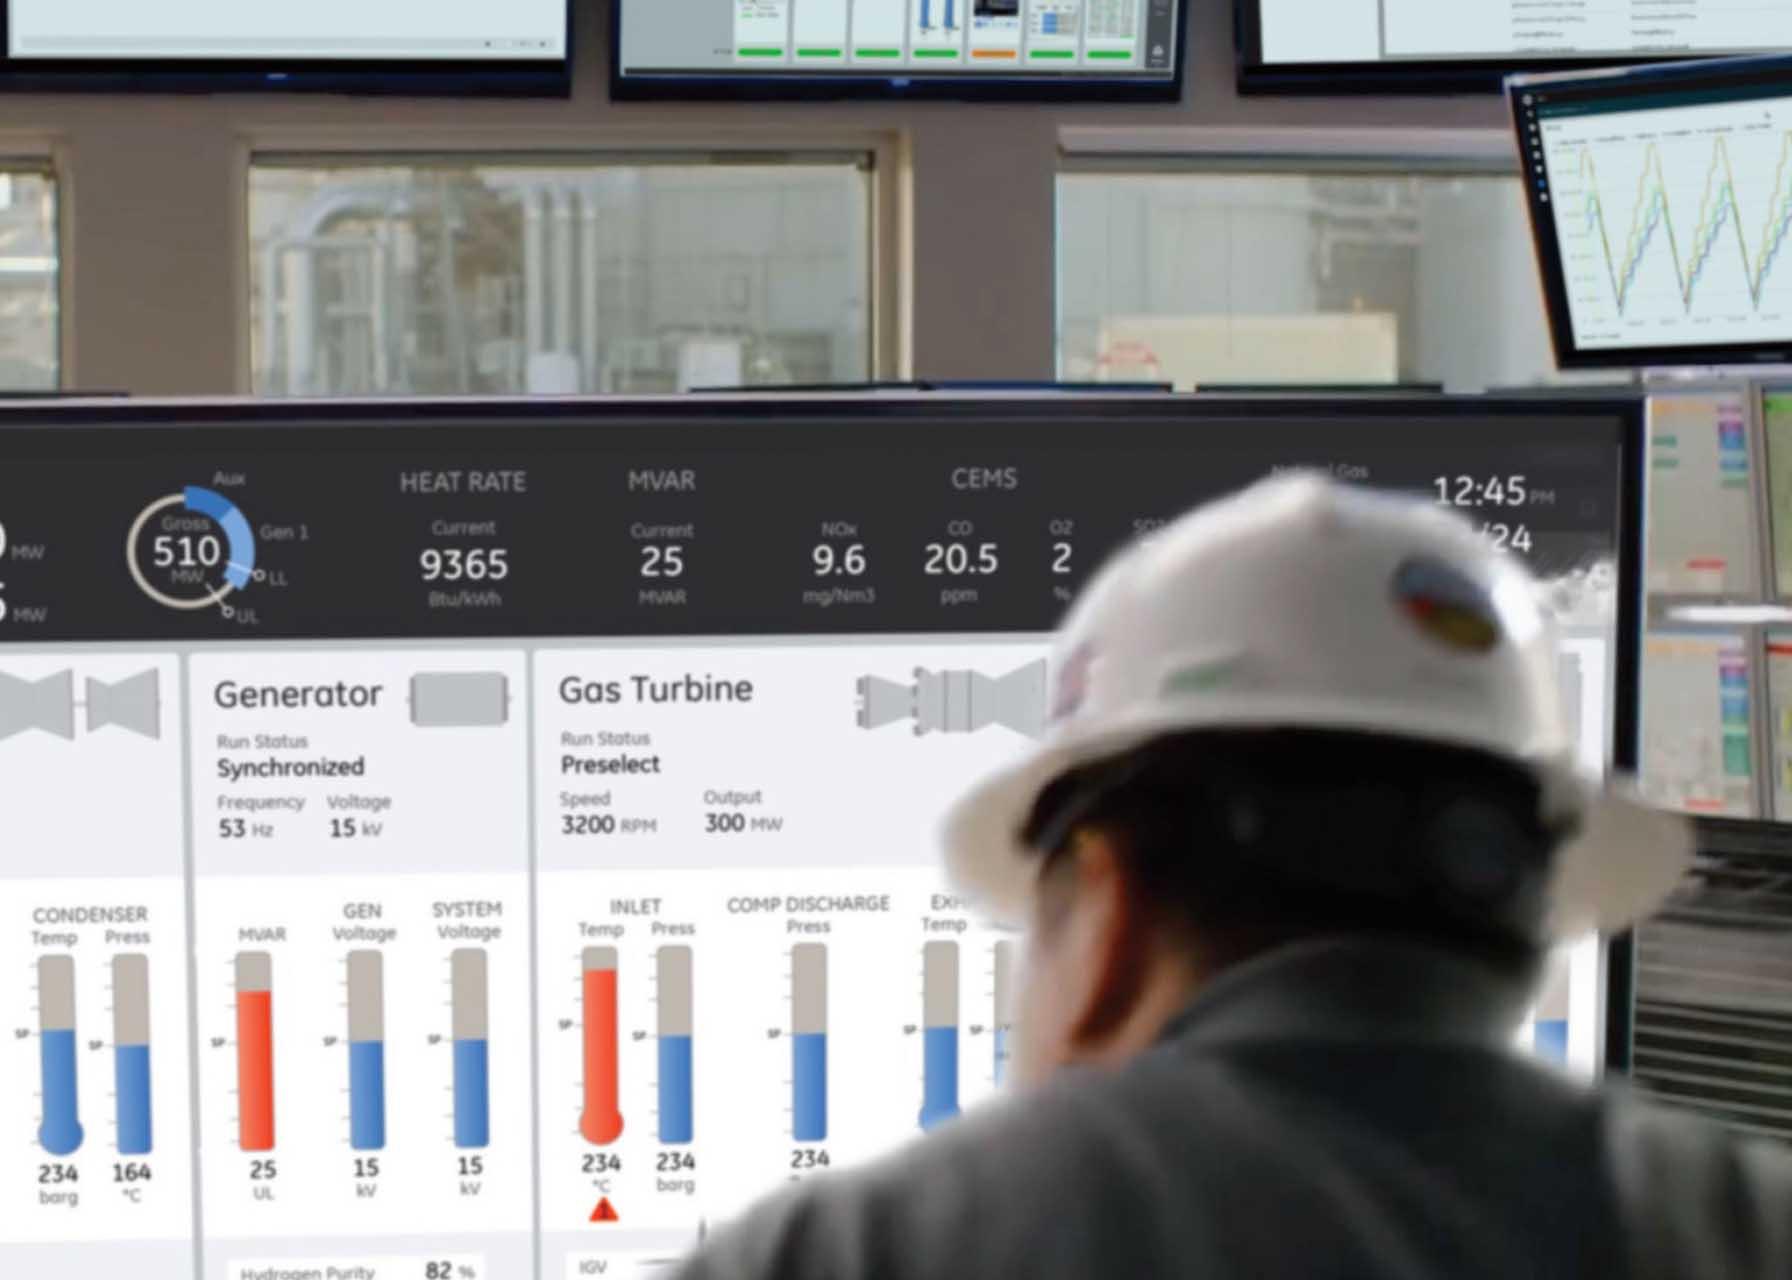 Control Room | HMI/SCADA software in action | GE Digital